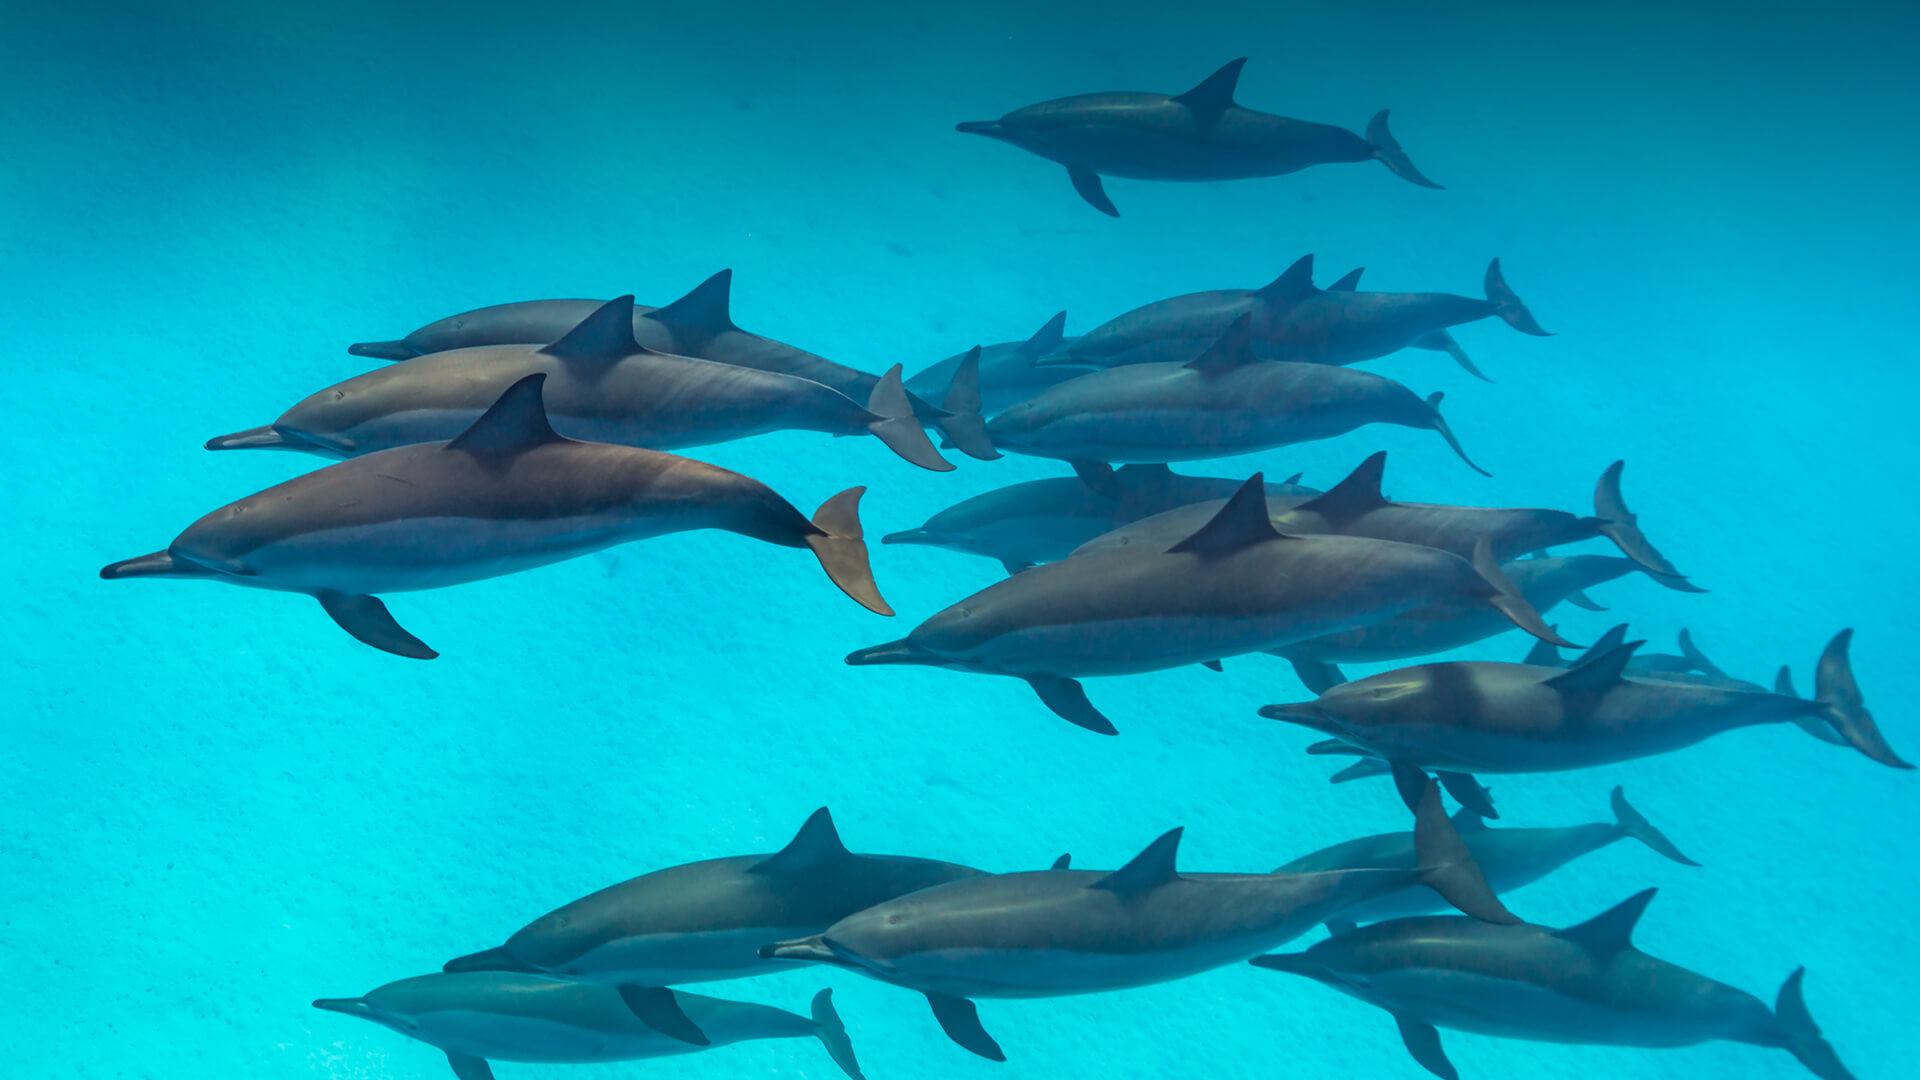 Dolphins Flock Underwater